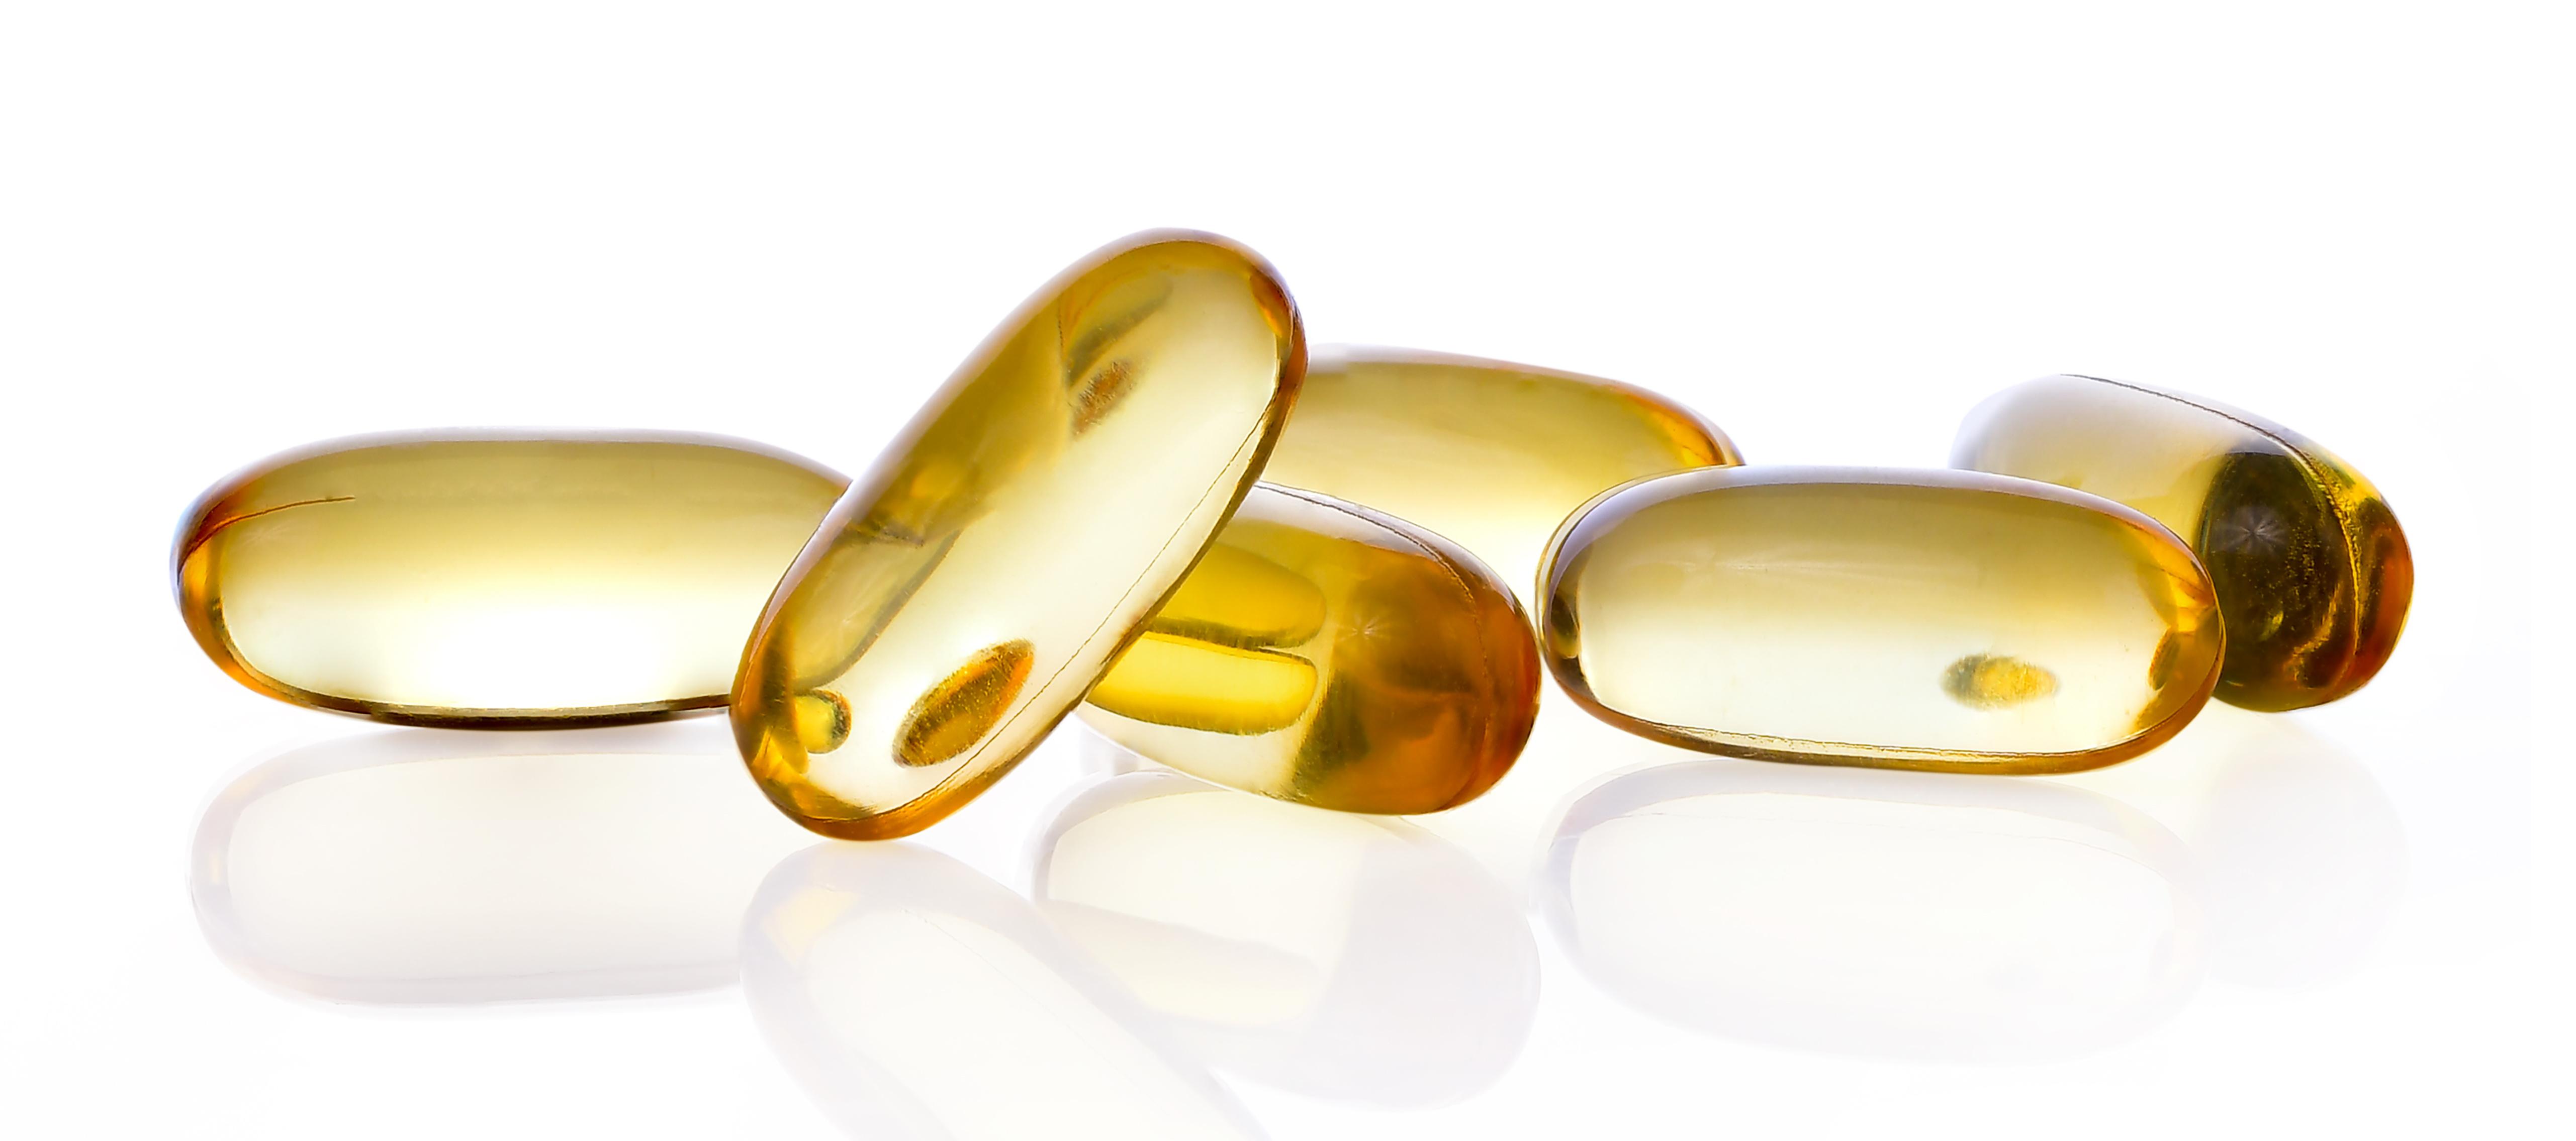 Un oméga-3 pur permet de réduire le risque d'accident vasculaire cérébral (AVC) chez les personnes à risque accru de maladie cardiovasculaire ou à taux élevé de mauvais cholestérol, et déjà traitées par une statine (Visuel Adobe Stock 243013117)